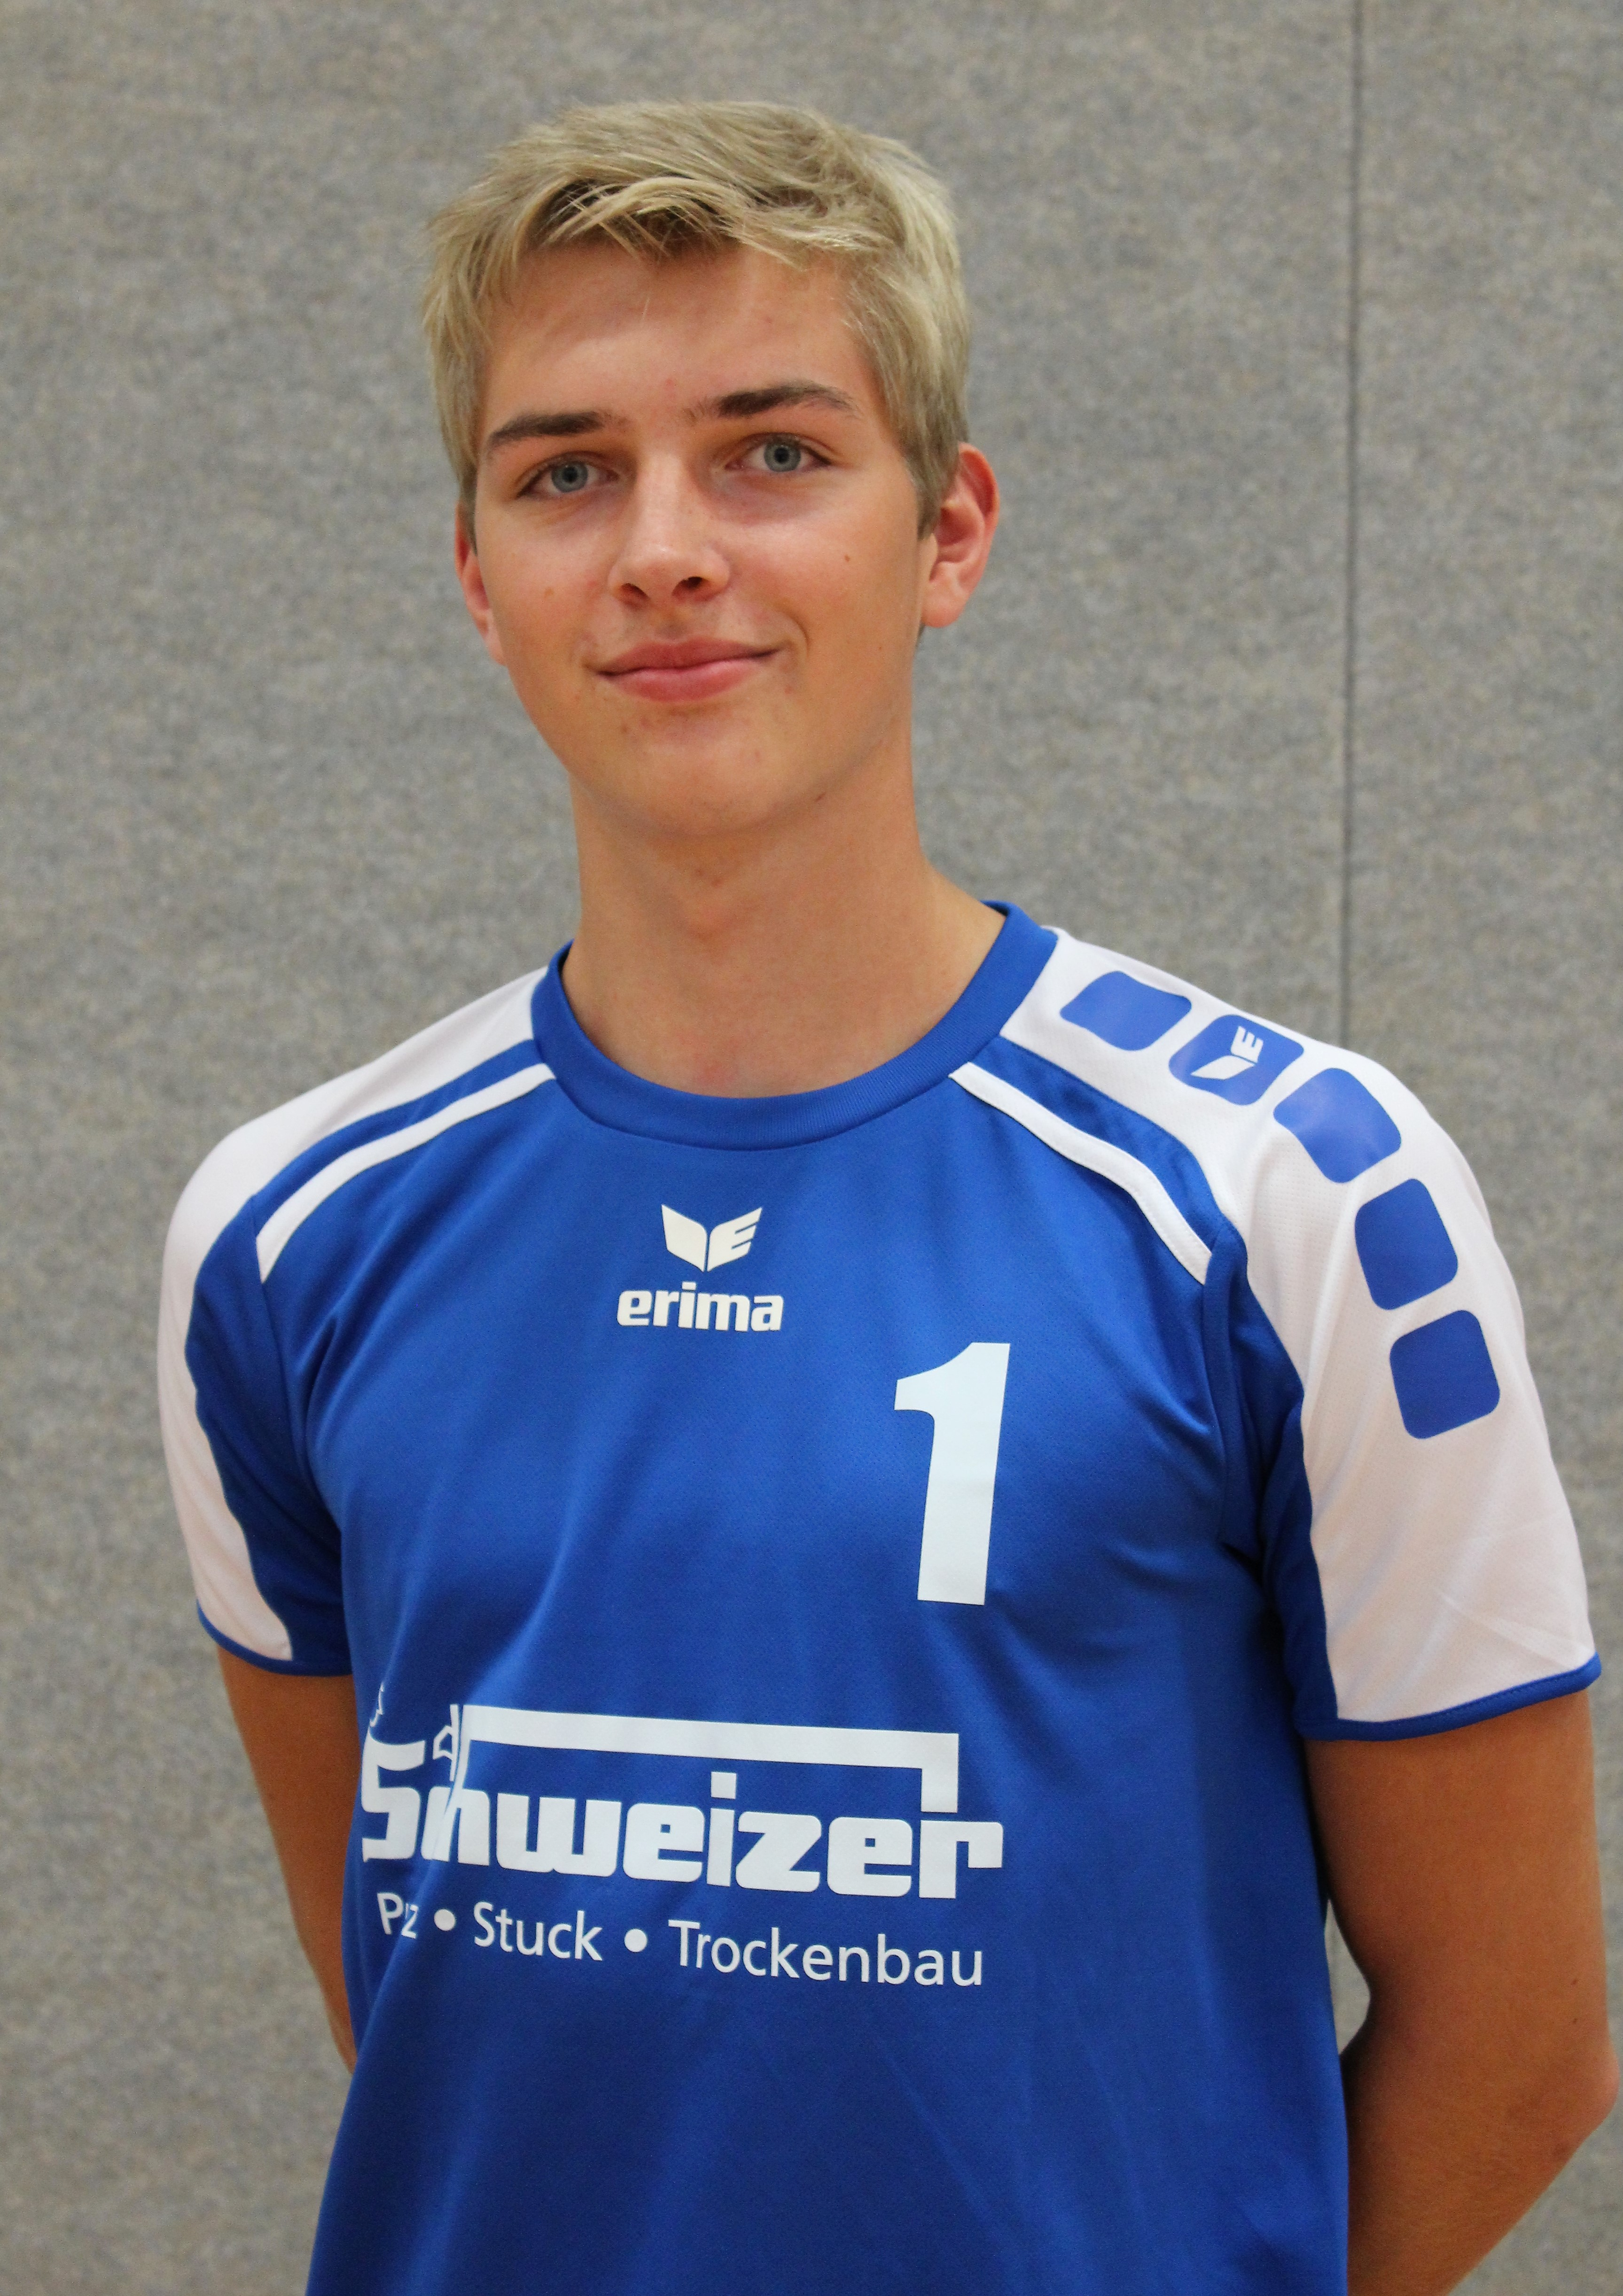 Markus Trebesch Trikotnummer: Position: Mittelblock Größe: 1,85 m